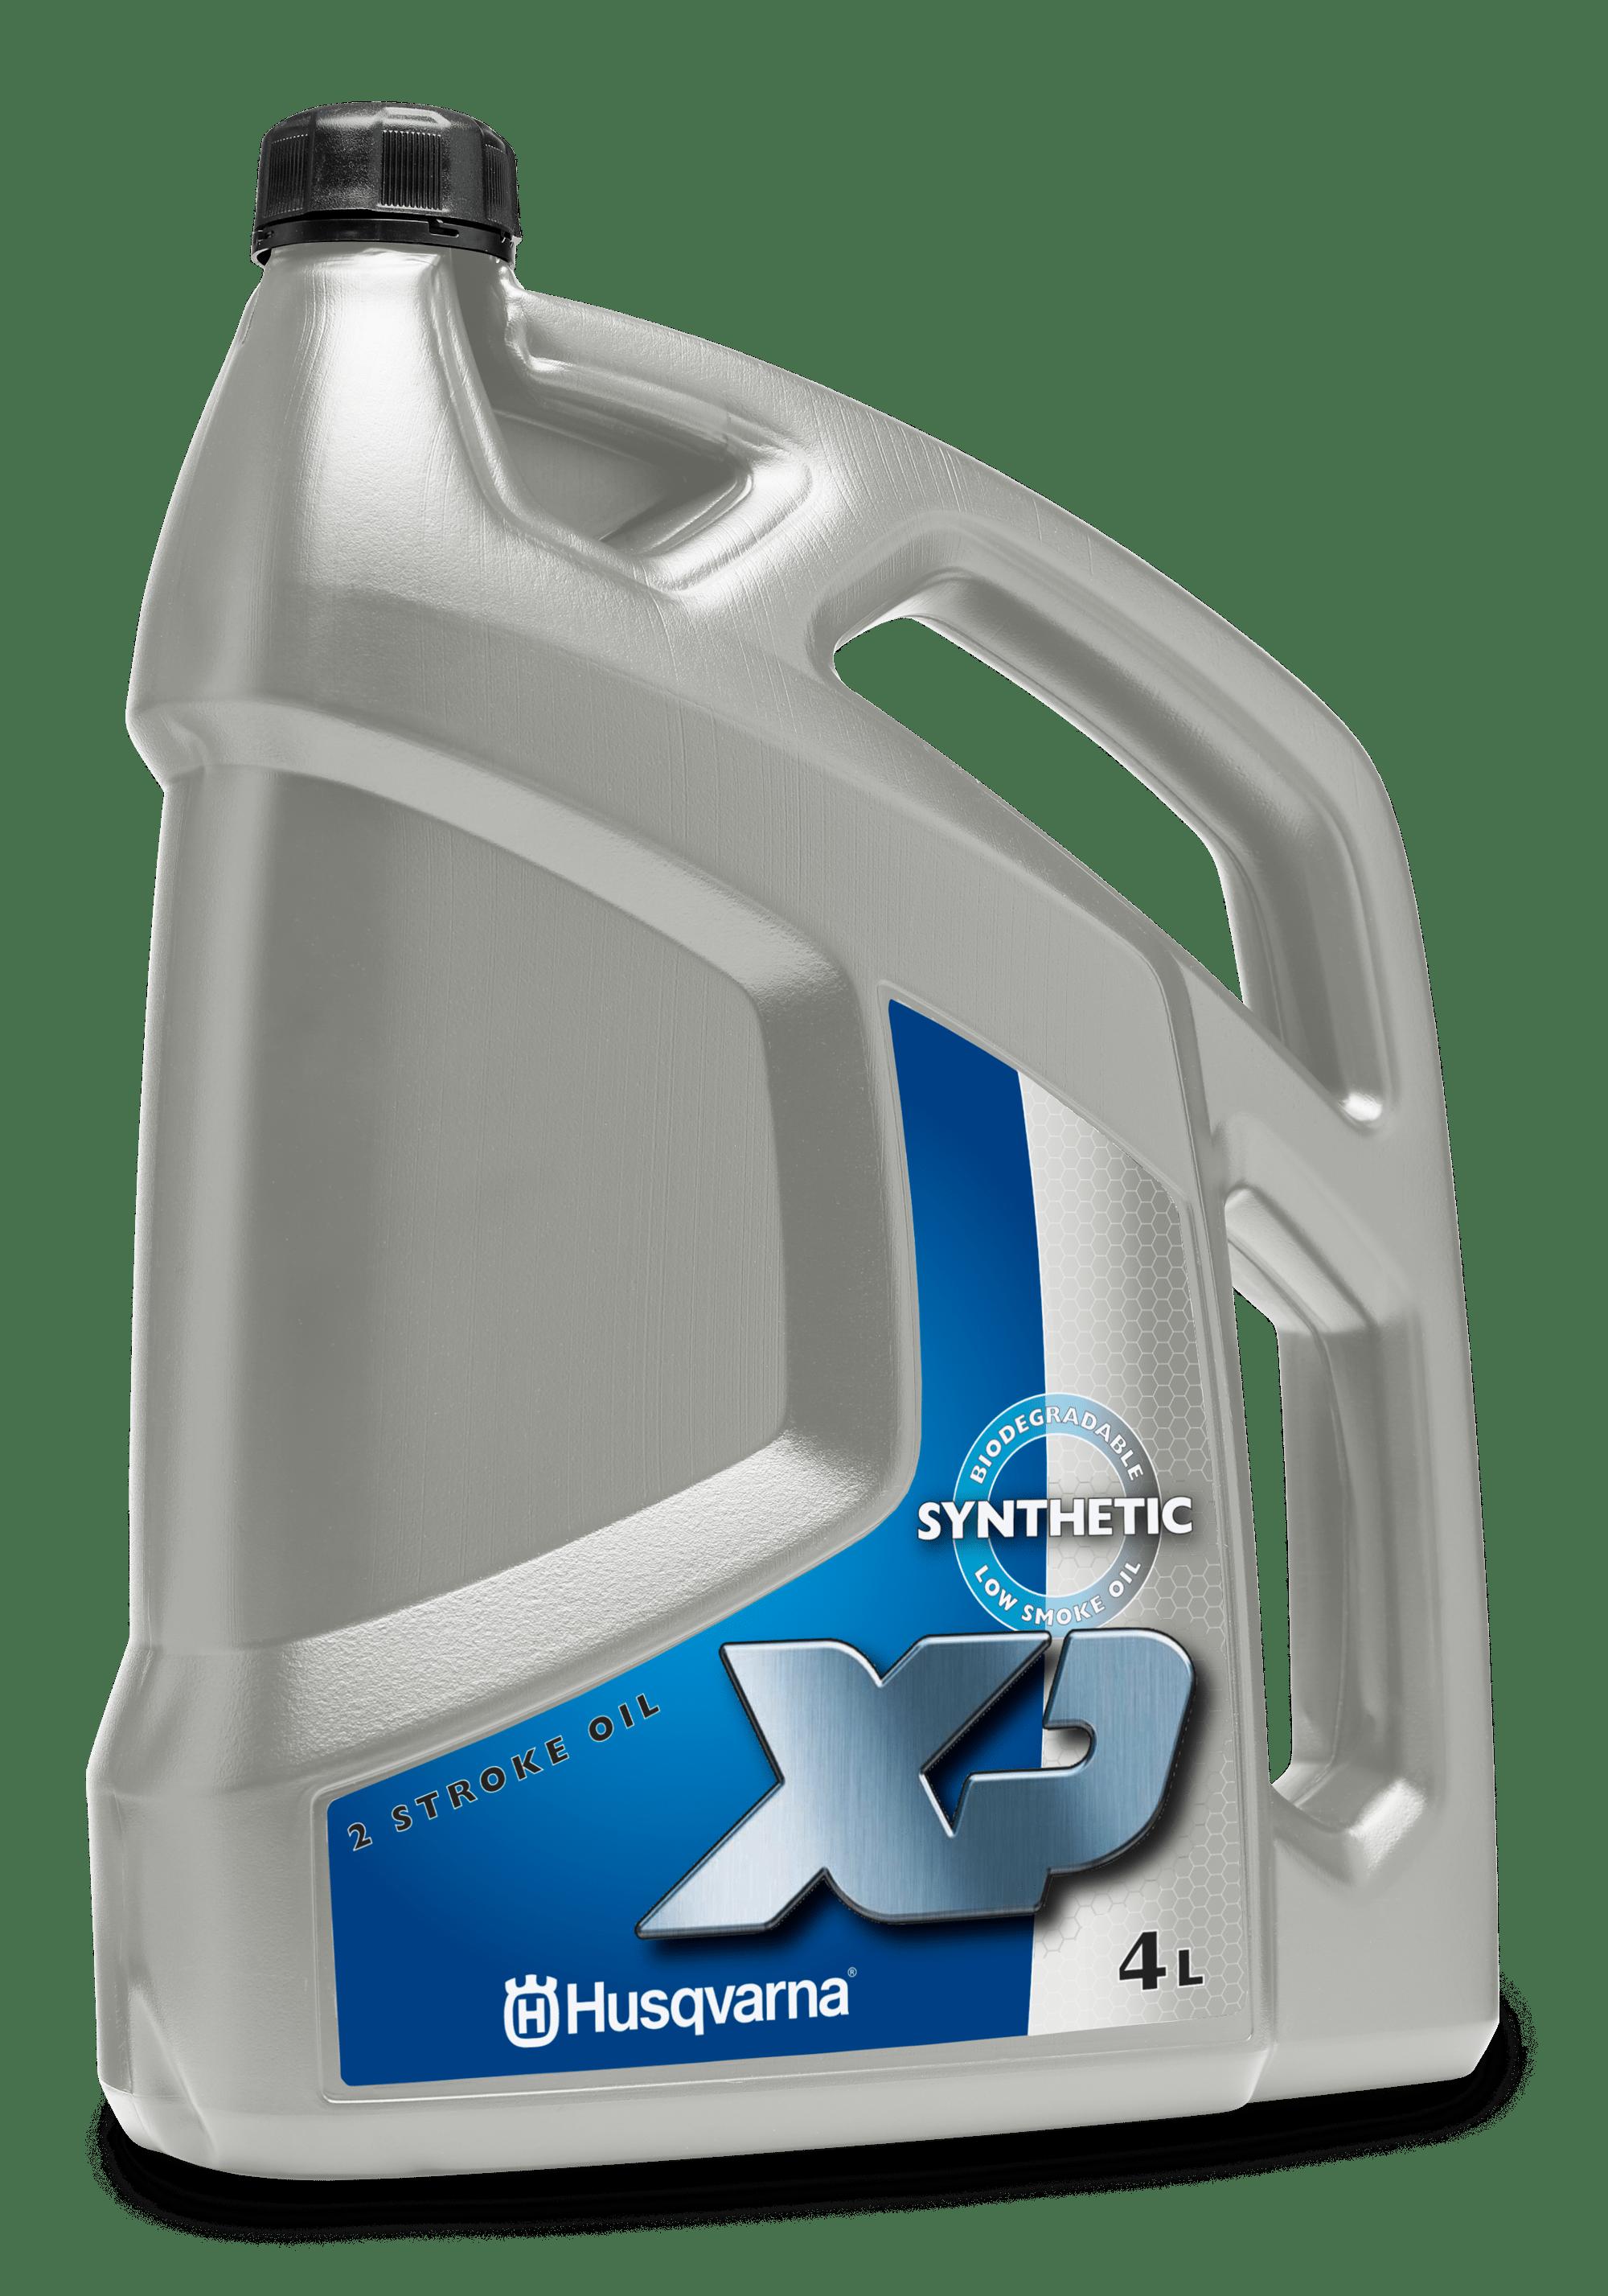 HUSQVARNA 2T-ÖLJY XP SYNT 4L